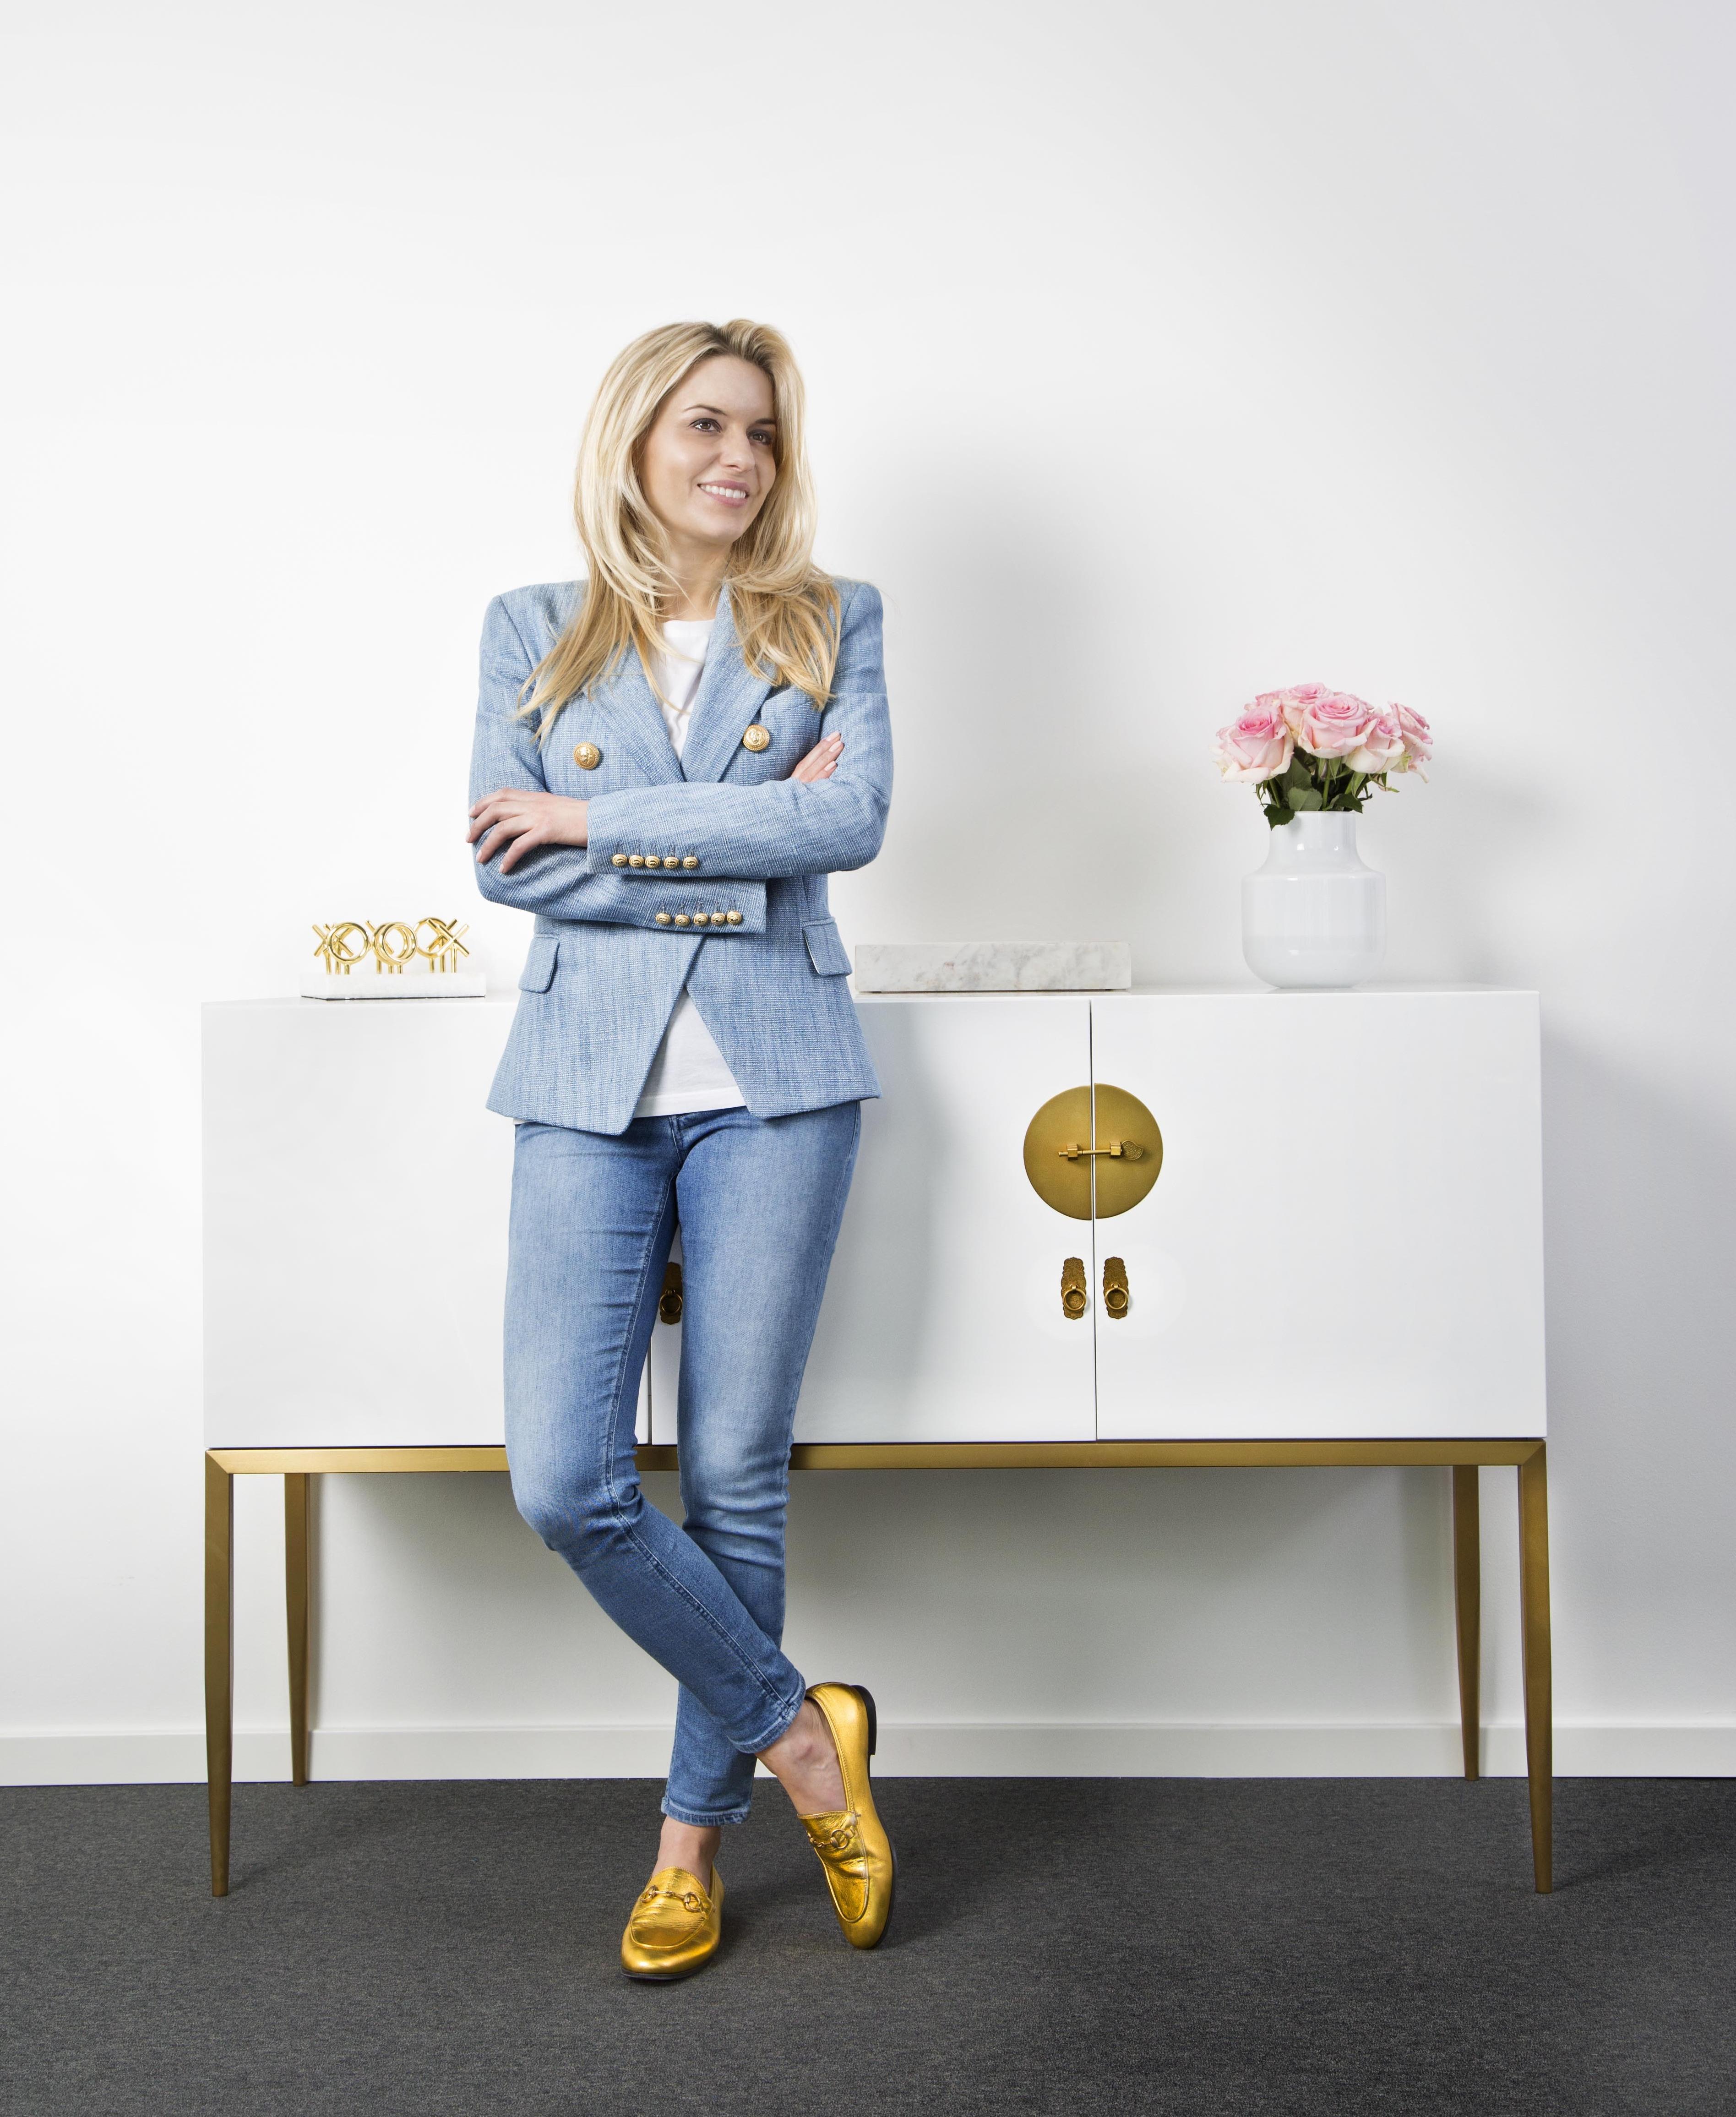 delia fischer tanja bock magazin die besten modeblogs. Black Bedroom Furniture Sets. Home Design Ideas